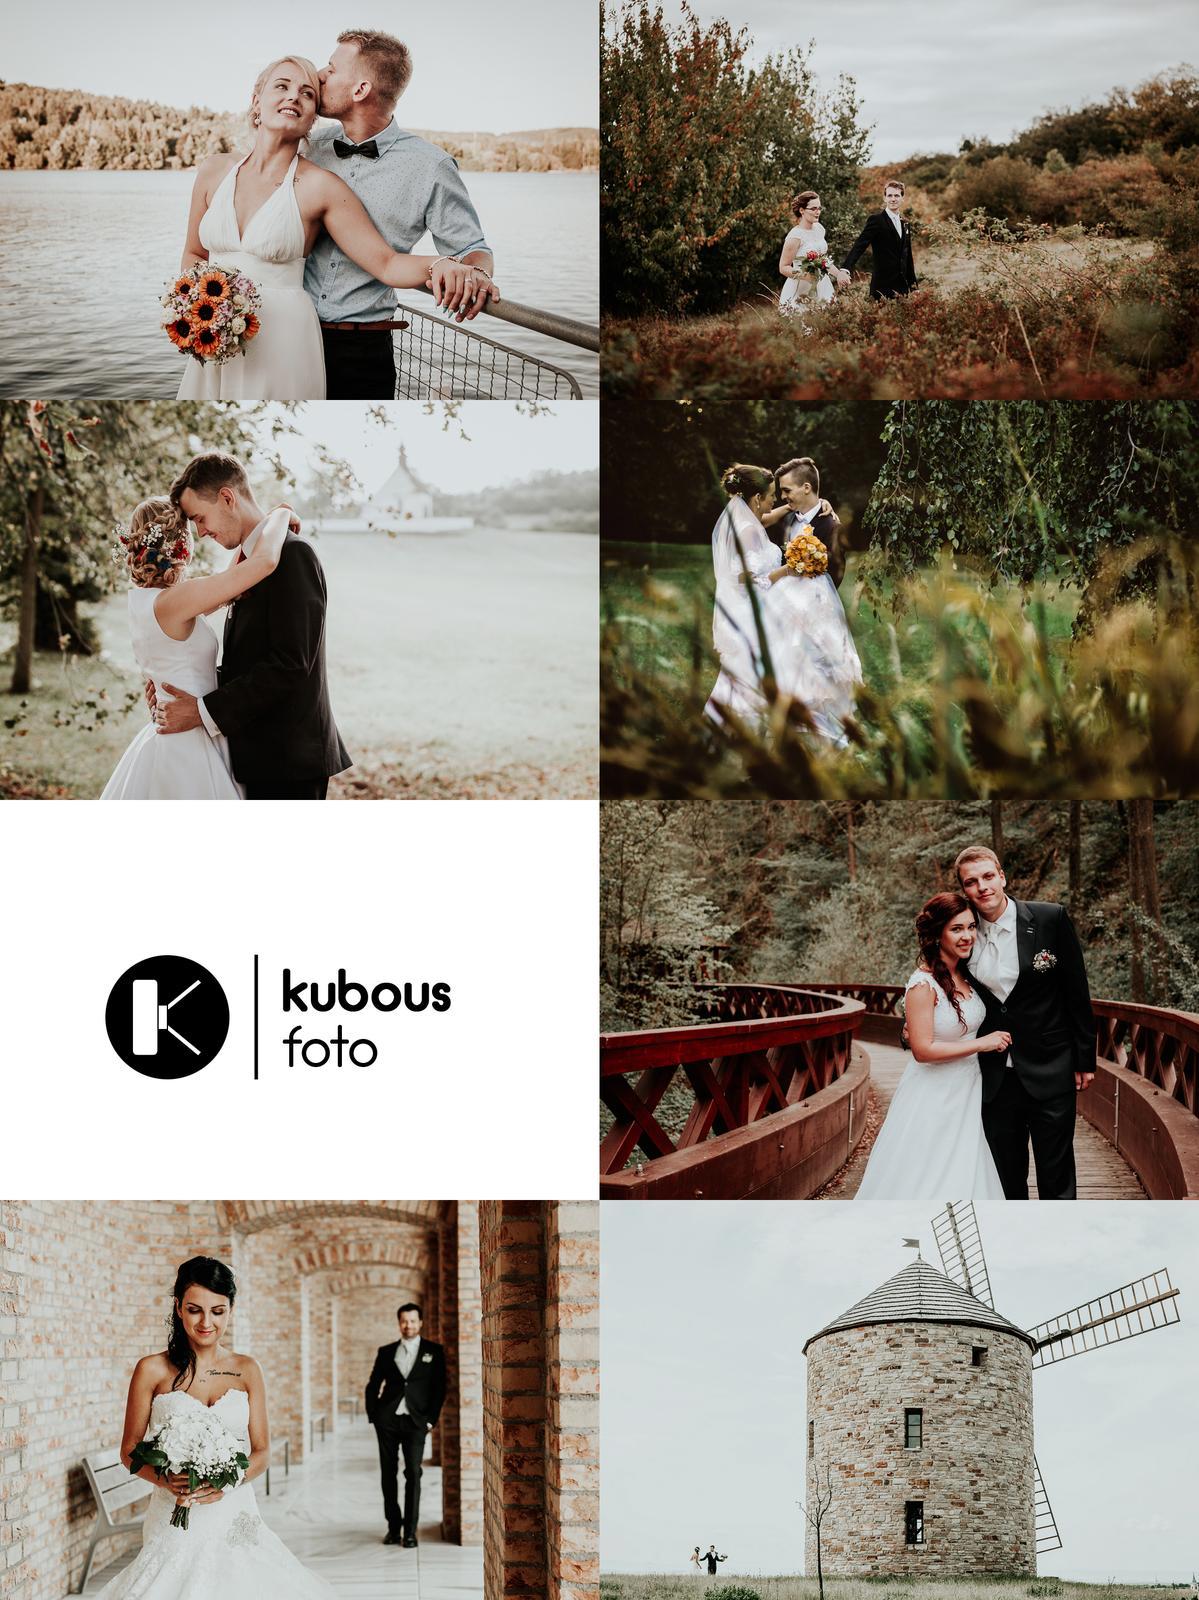 kubous_foto - Obrázek č. 1